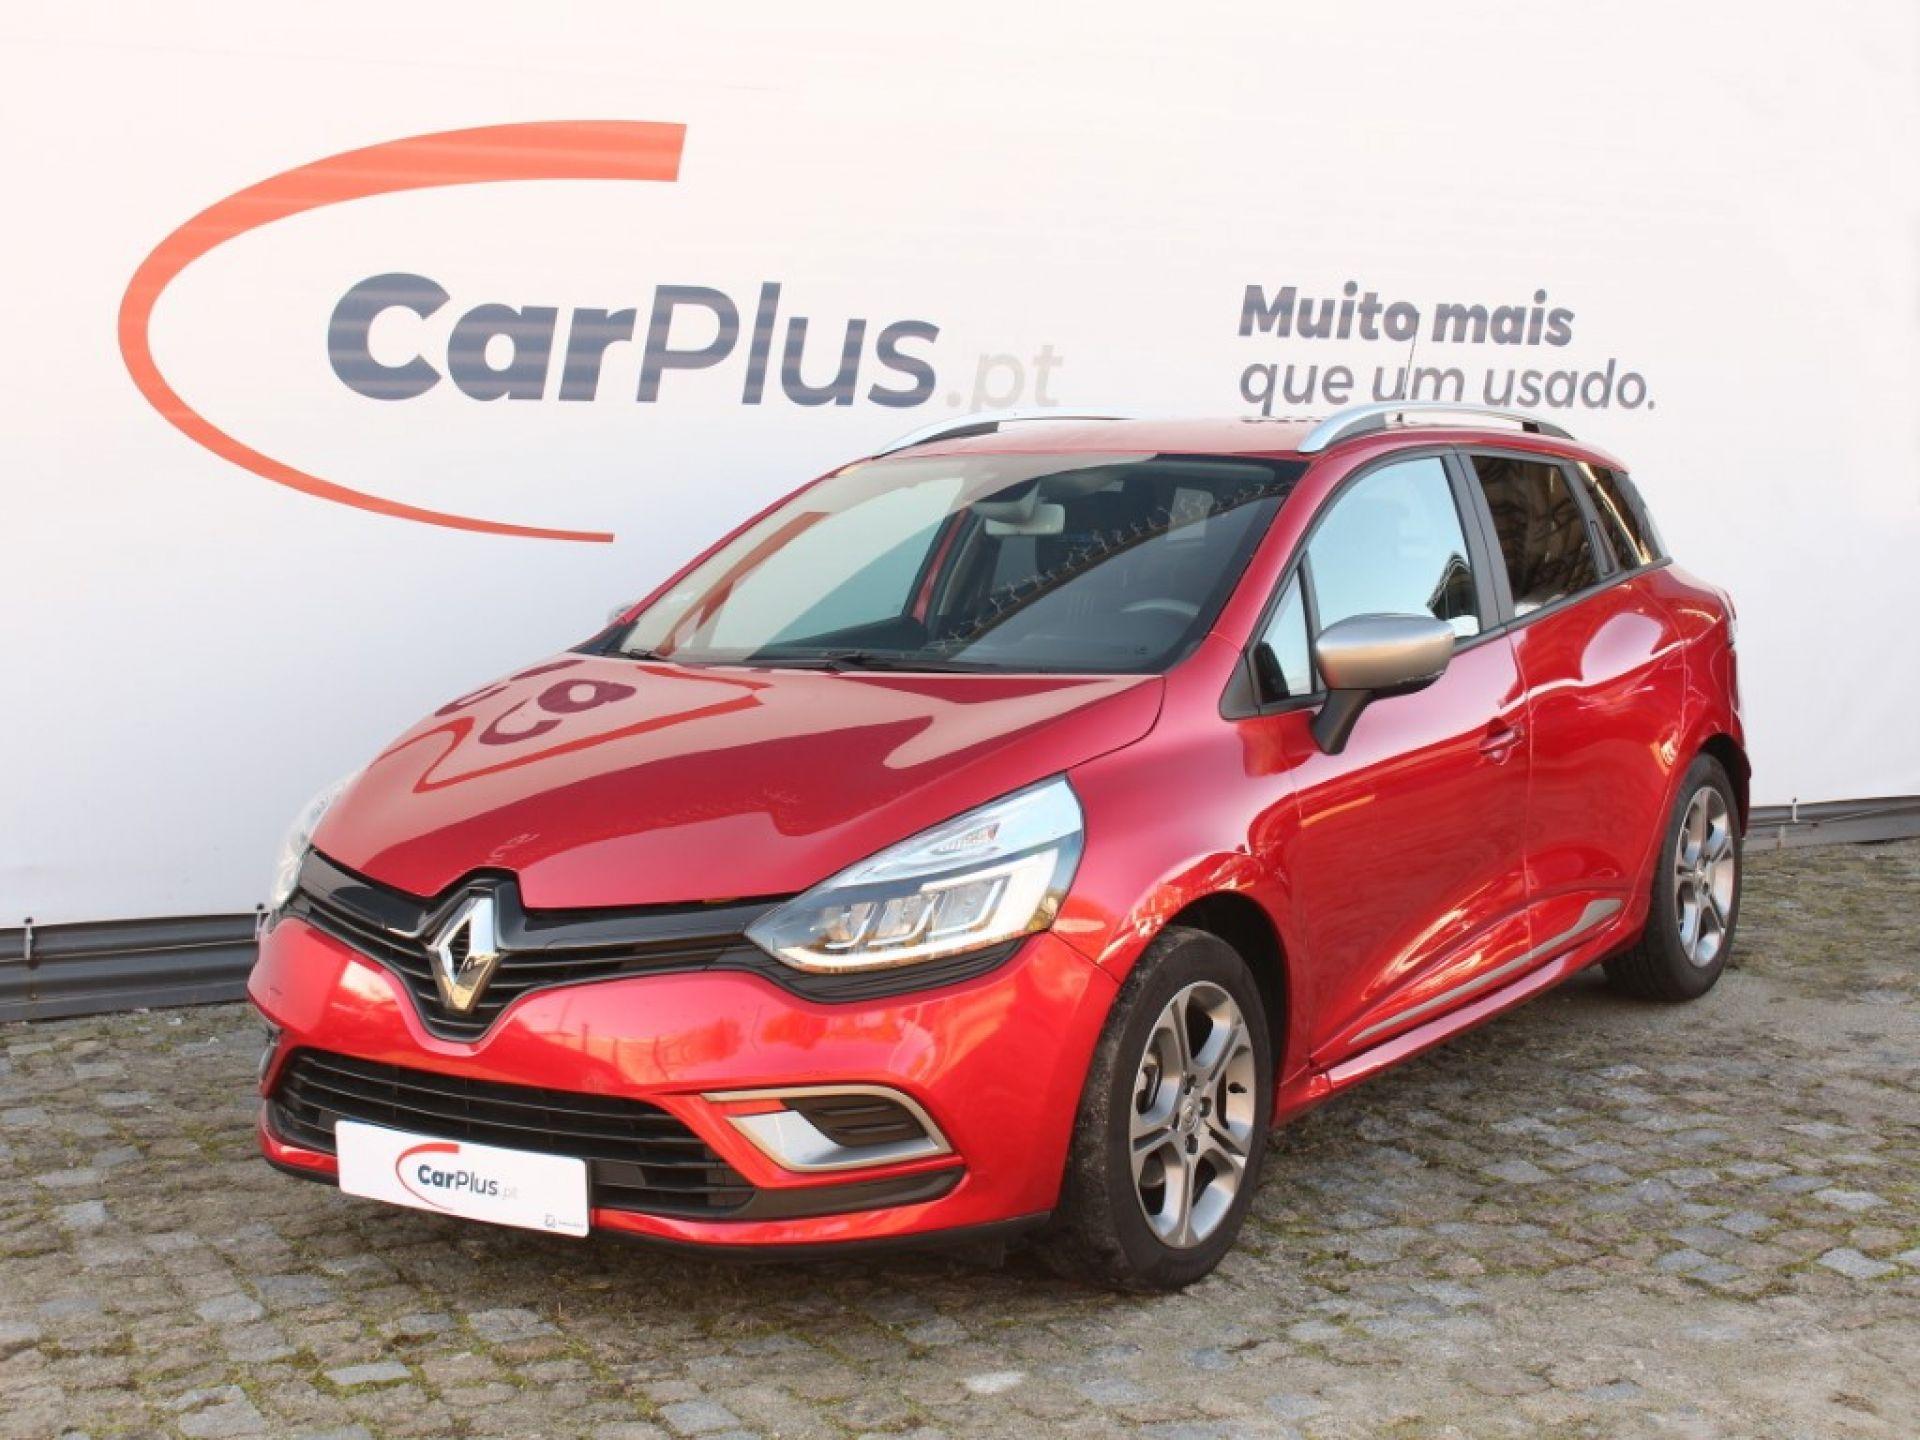 Renault Clio 1.5 dCi Energy 90 GT Line segunda mão Porto